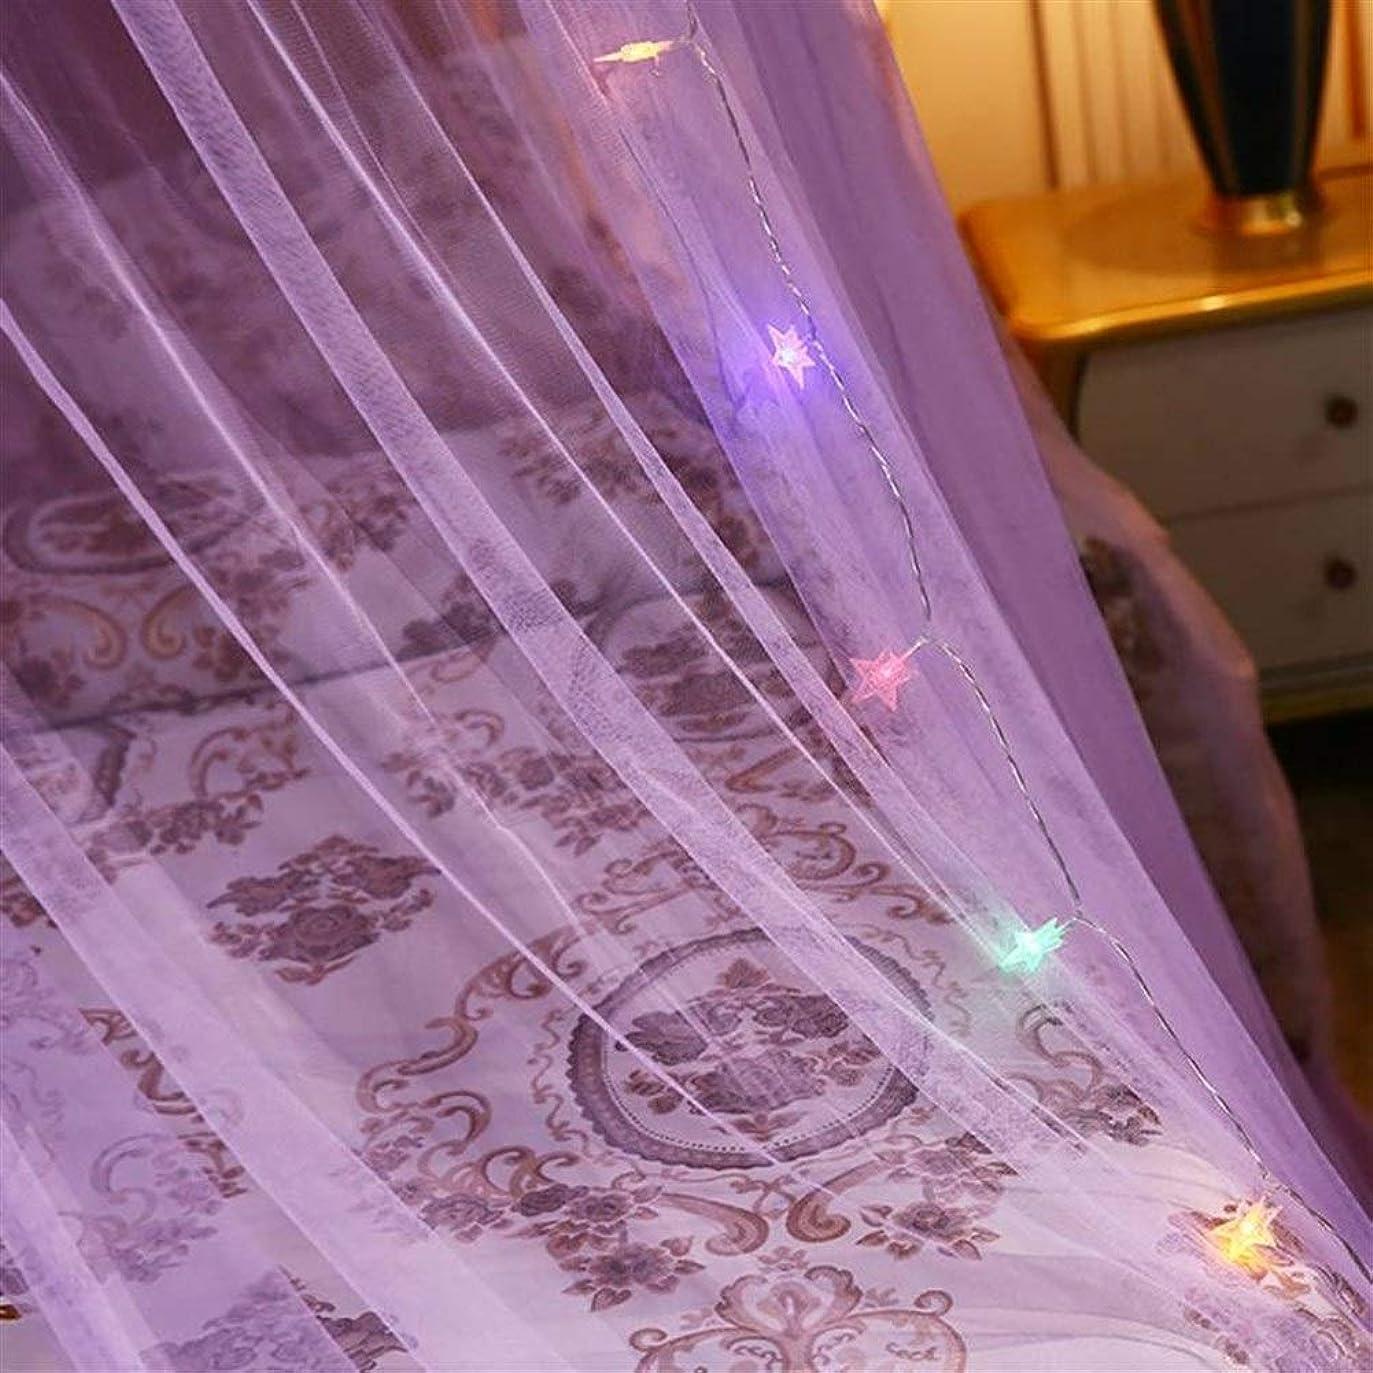 被るスペインぺディカブBed Canopy Mosquito Protection Net Elgant For Double Bed Repellent Tent Bed Curtain Bed Tent For Bedroom Decorative